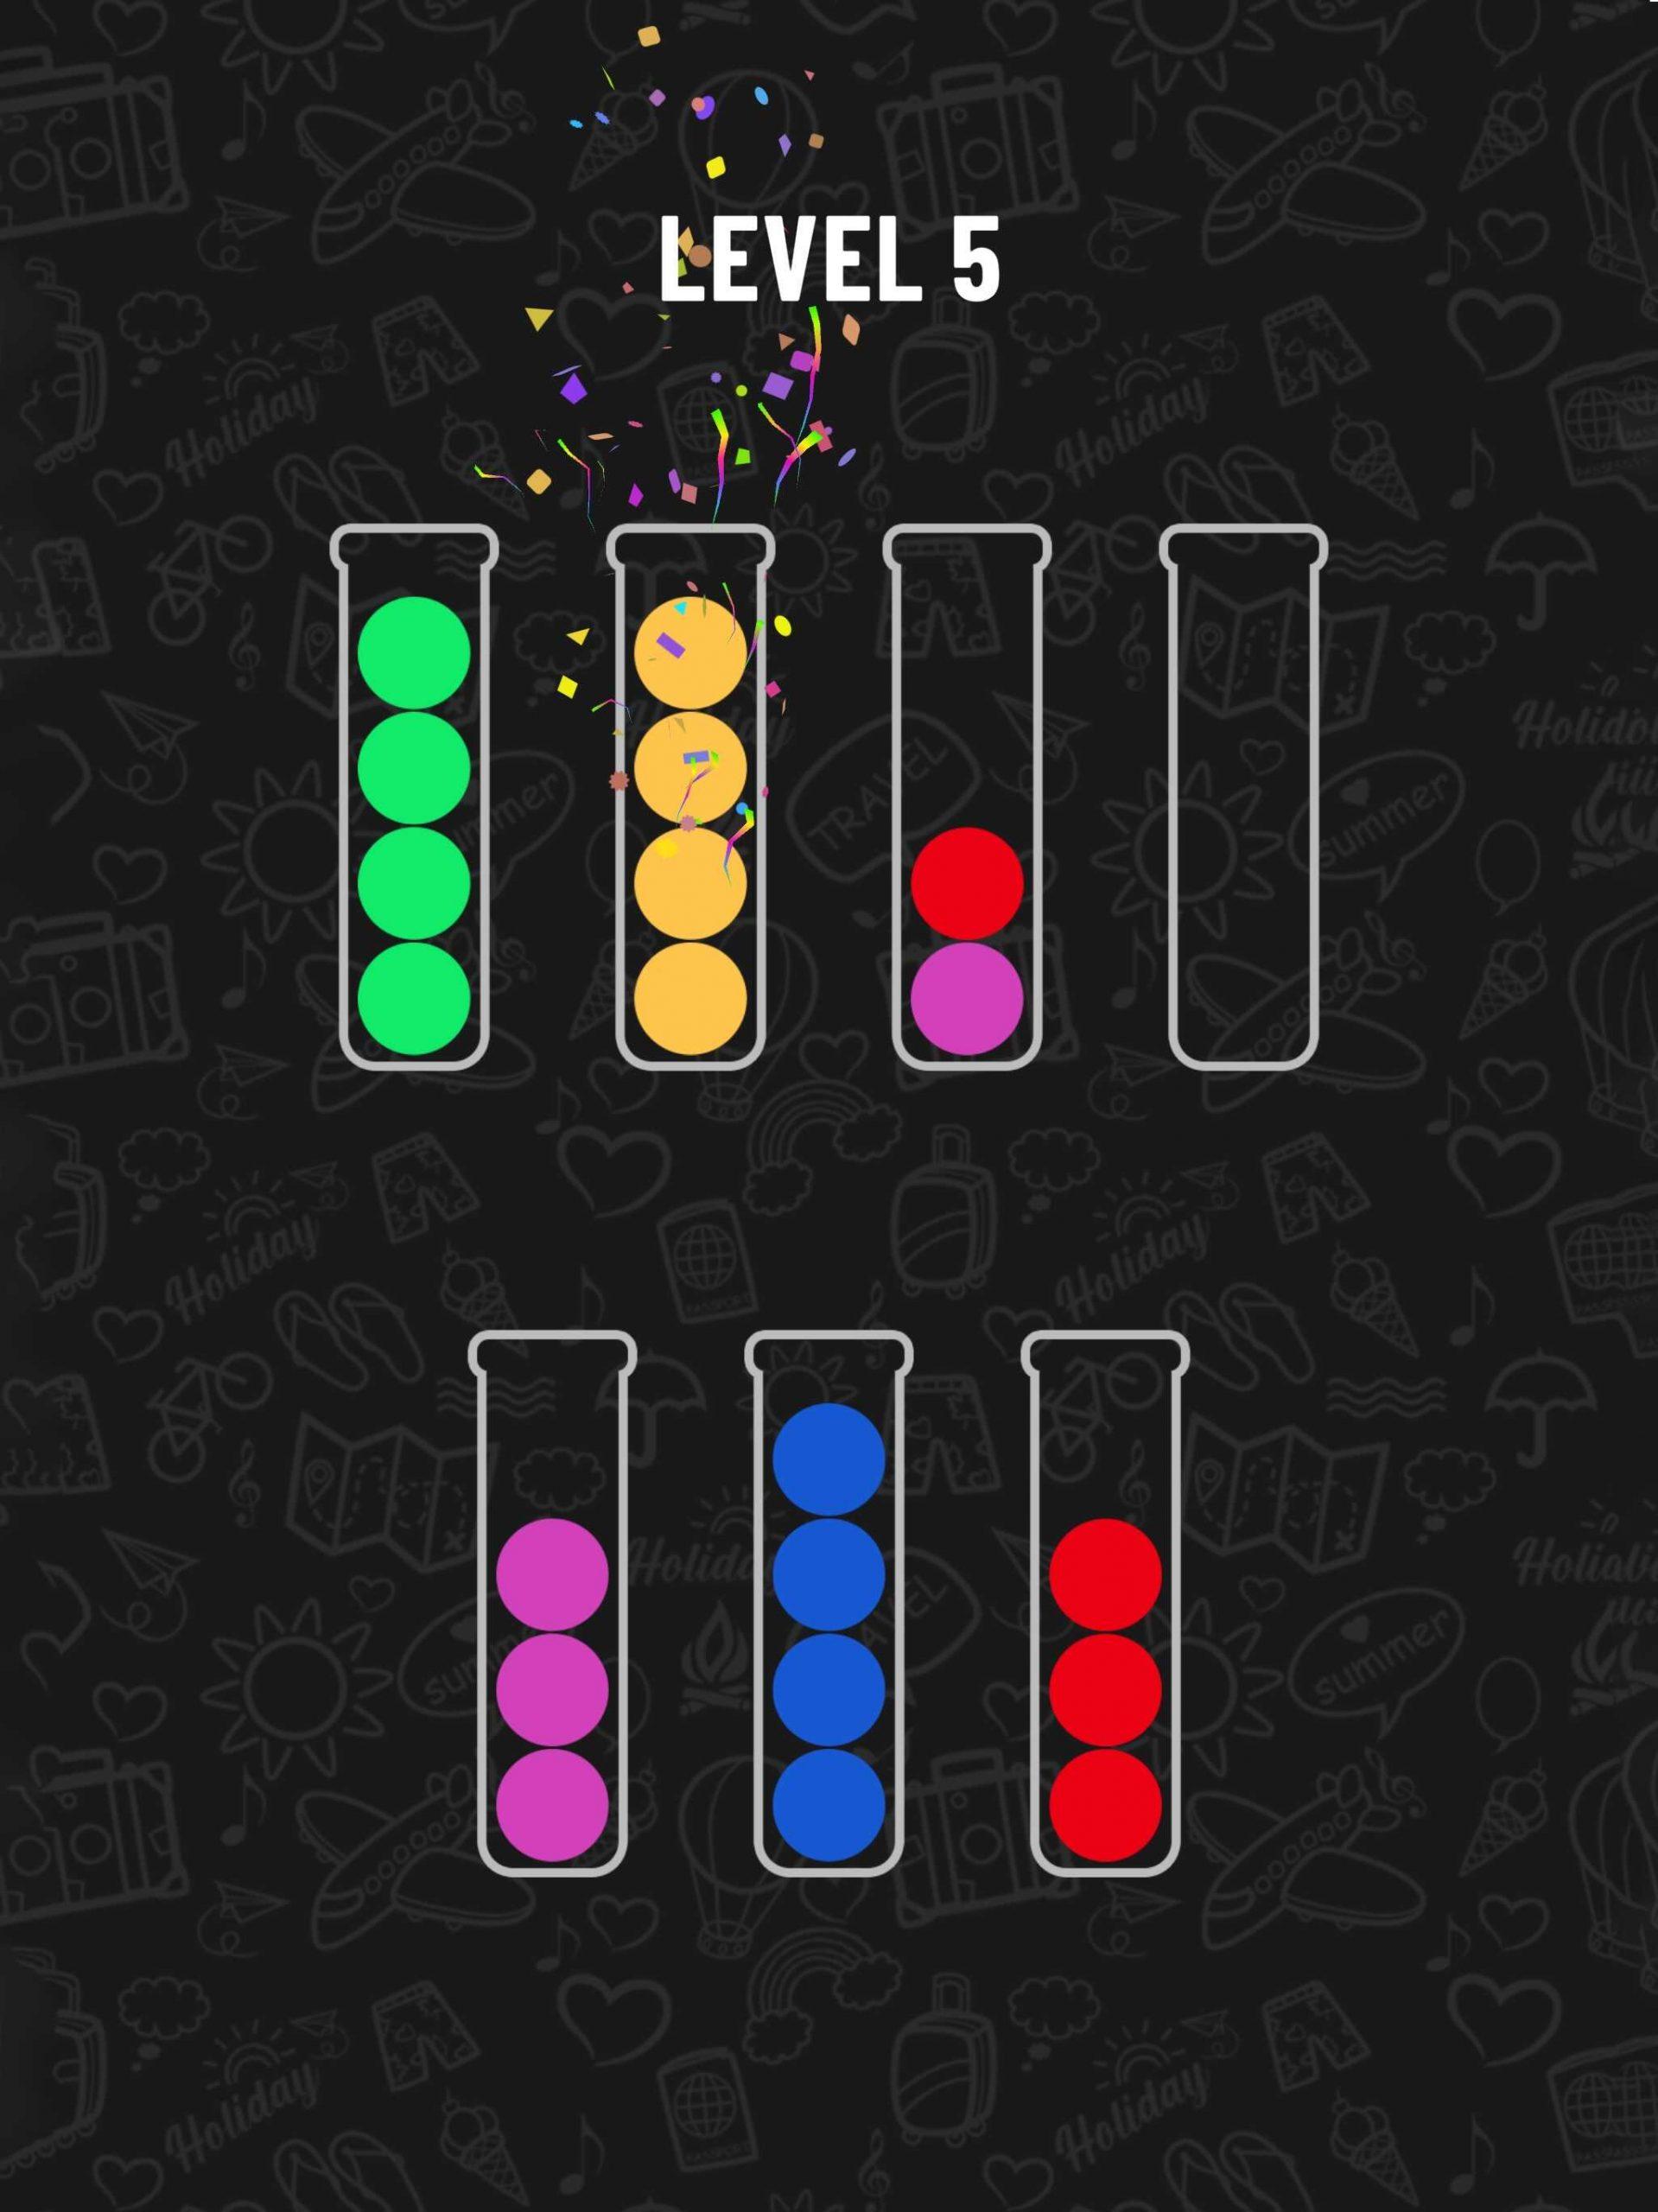 Ball Sort Puzzleってどんなアプリ?